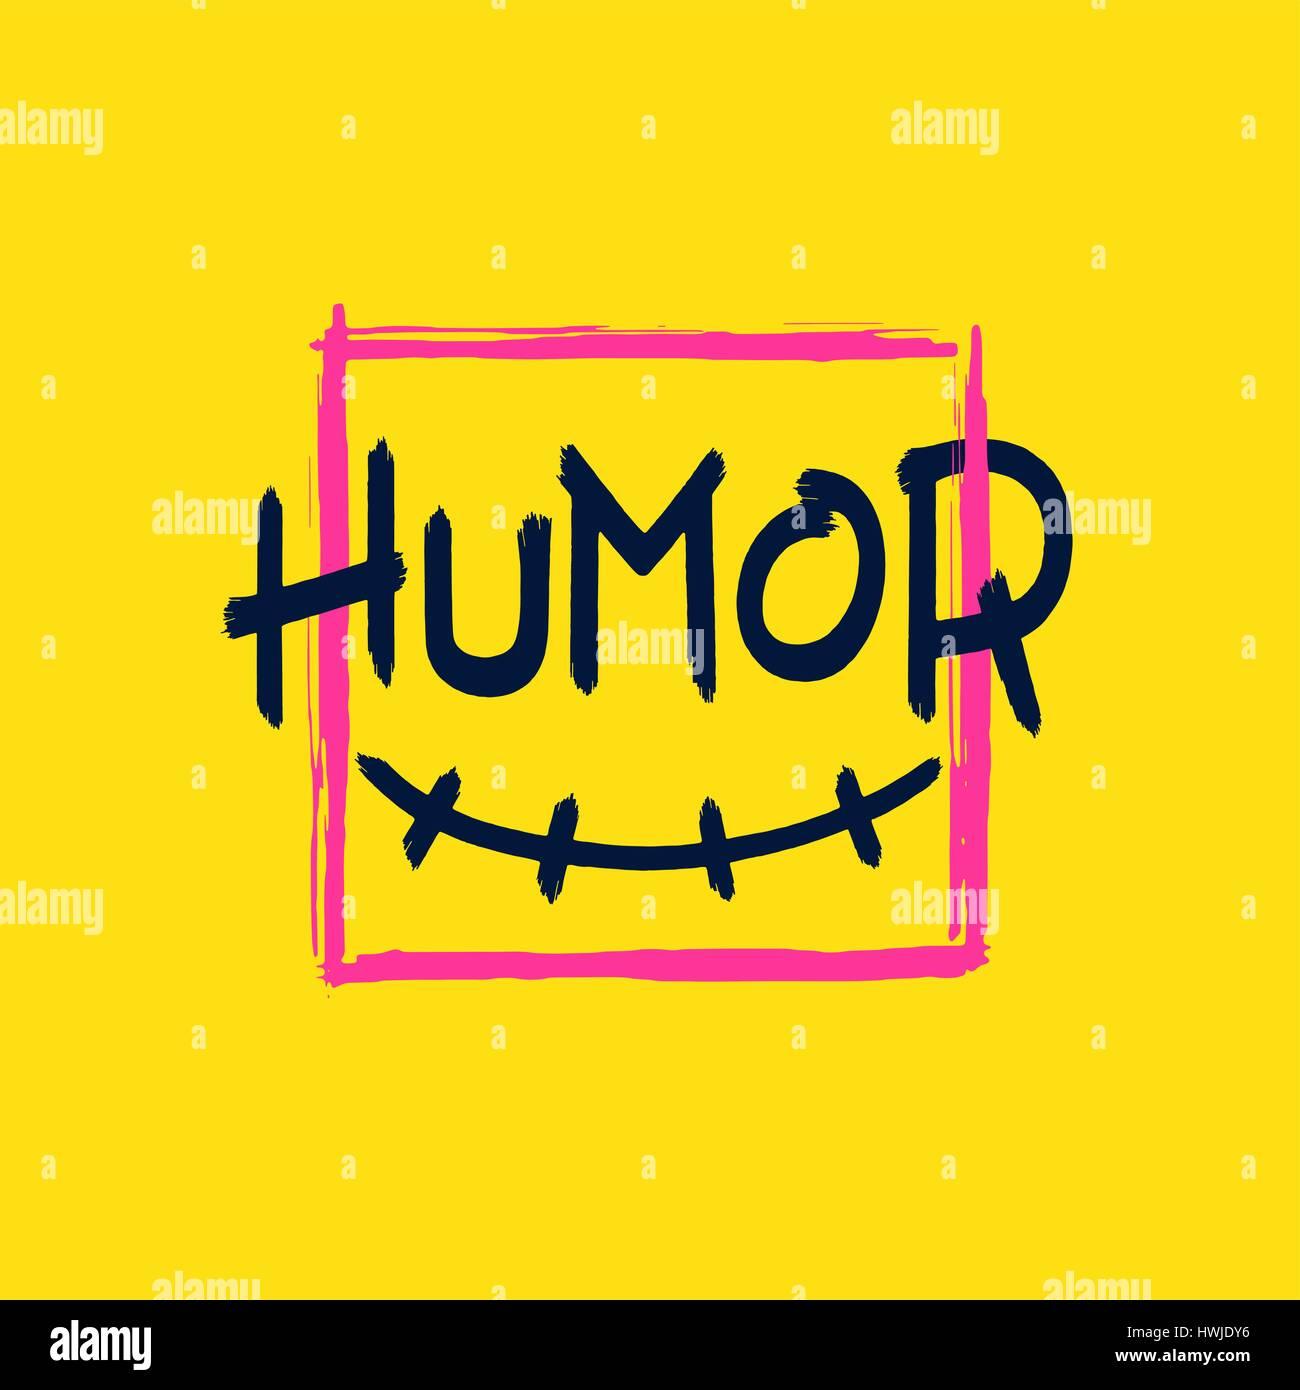 Divertente sorriso e iscrizione - umorismo in cornice quadrata. Grunge stile brush lettering. Vettore di elementi Immagini Stock